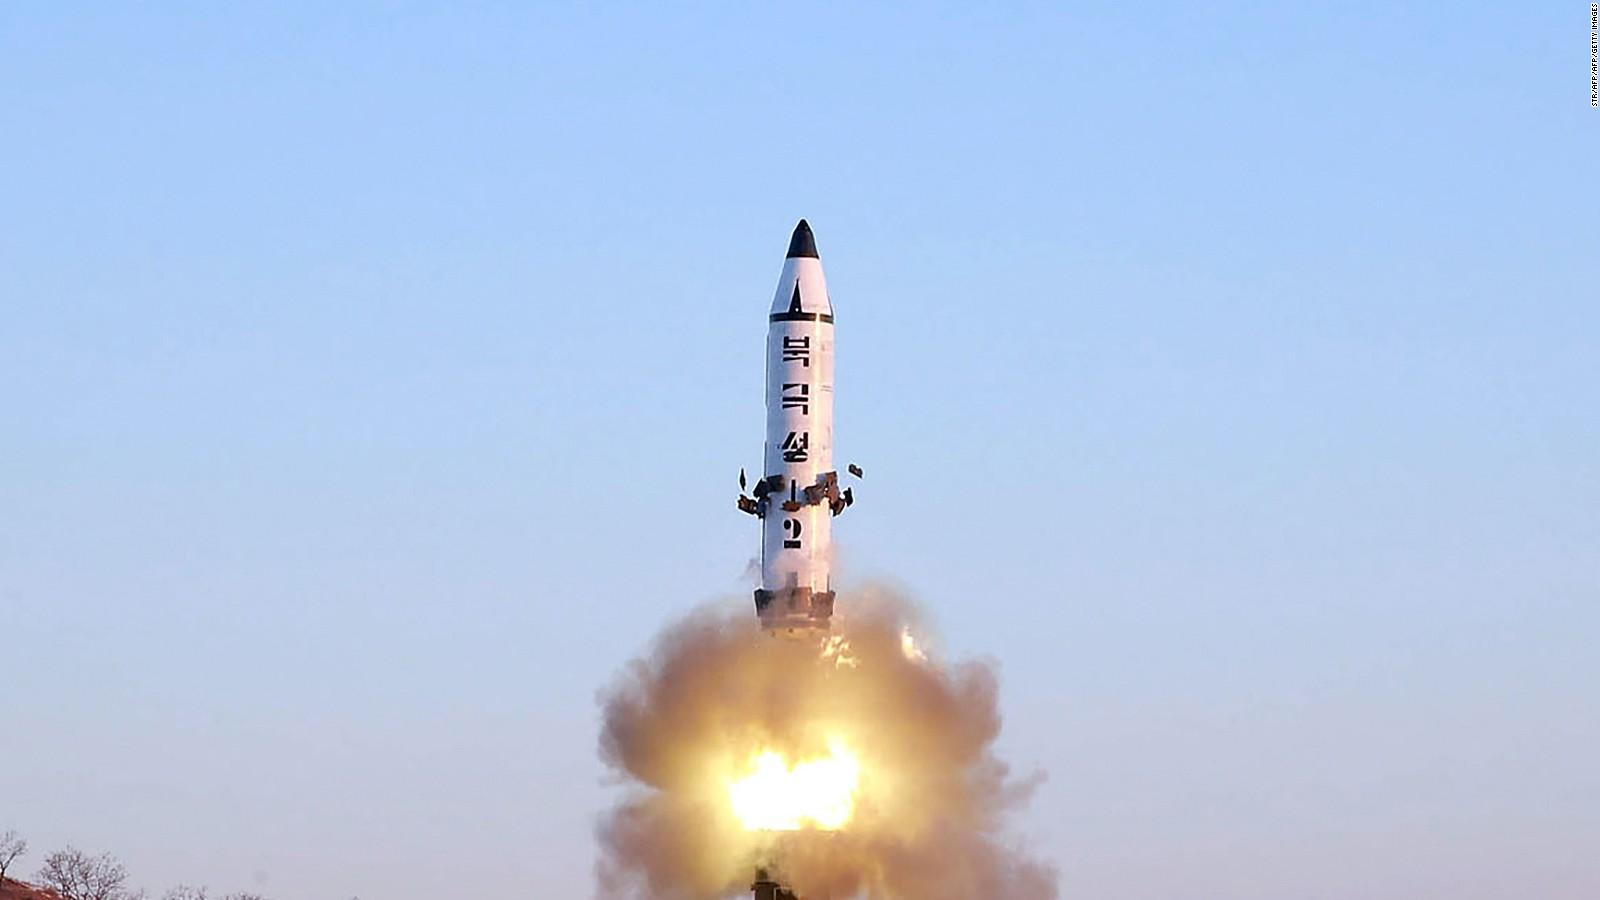 الدفاع الجوي الروسي في حالة تأهب قصوى